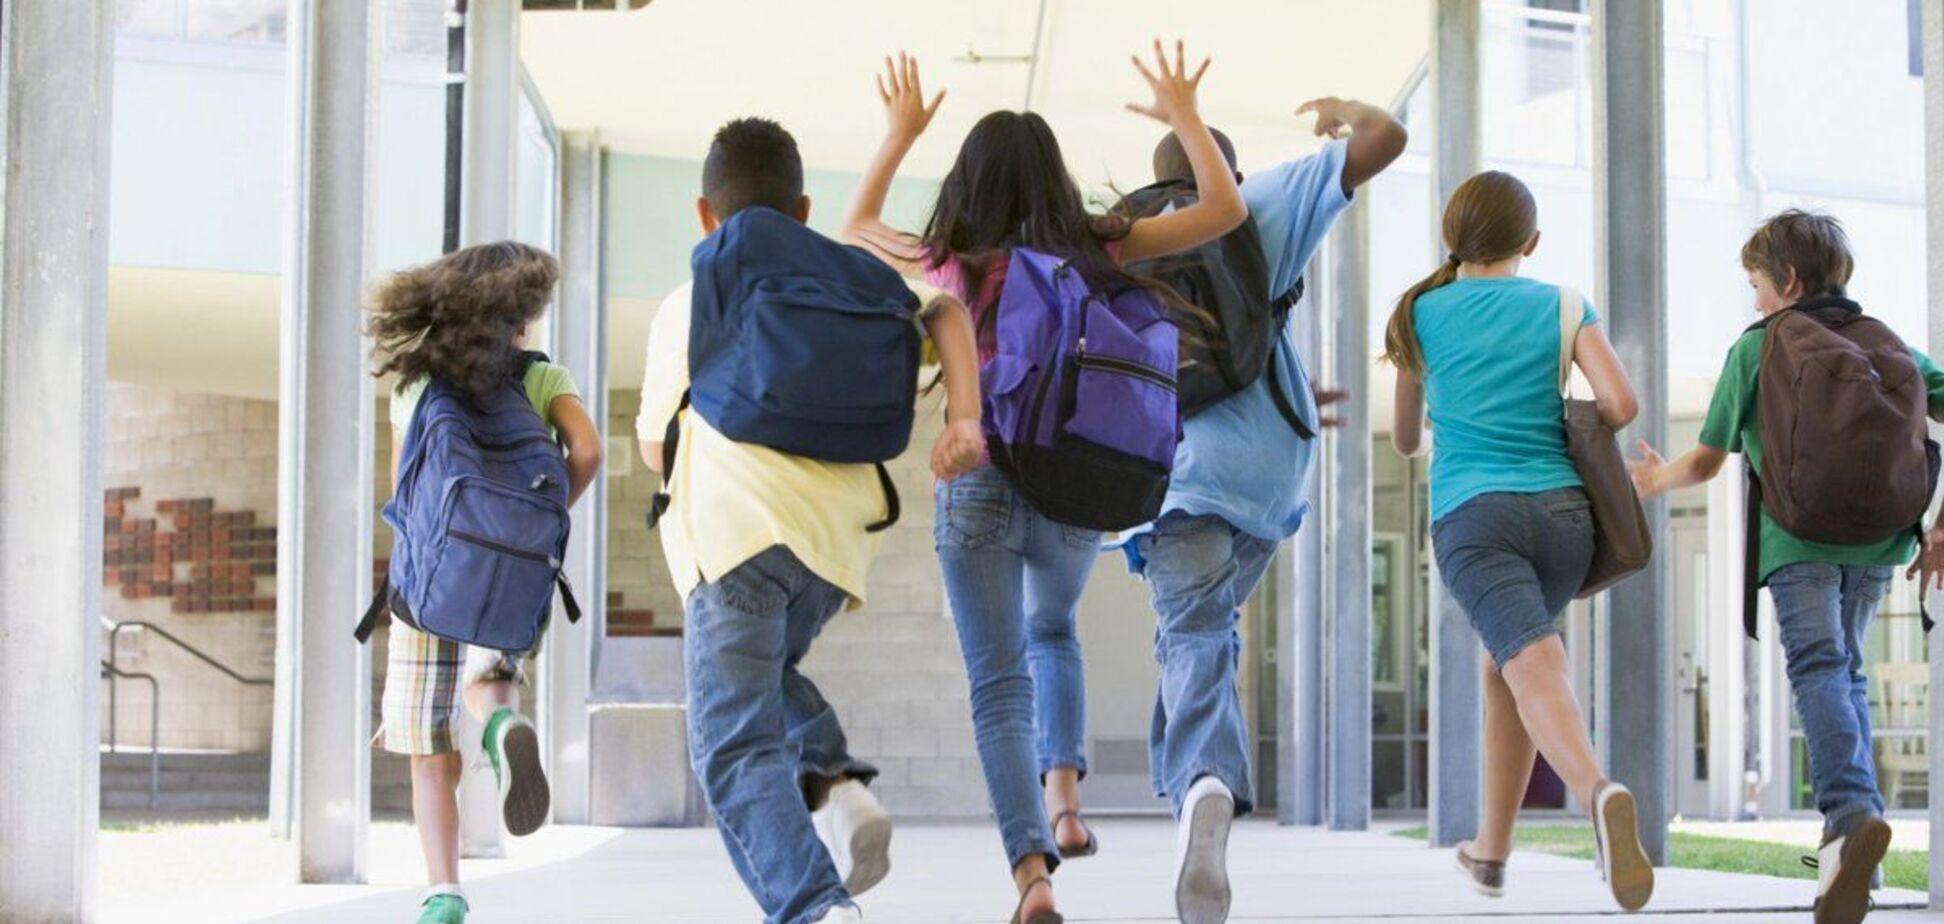 Після завершення канікул школи можуть перейти на дистанційну або змішану форму навчання